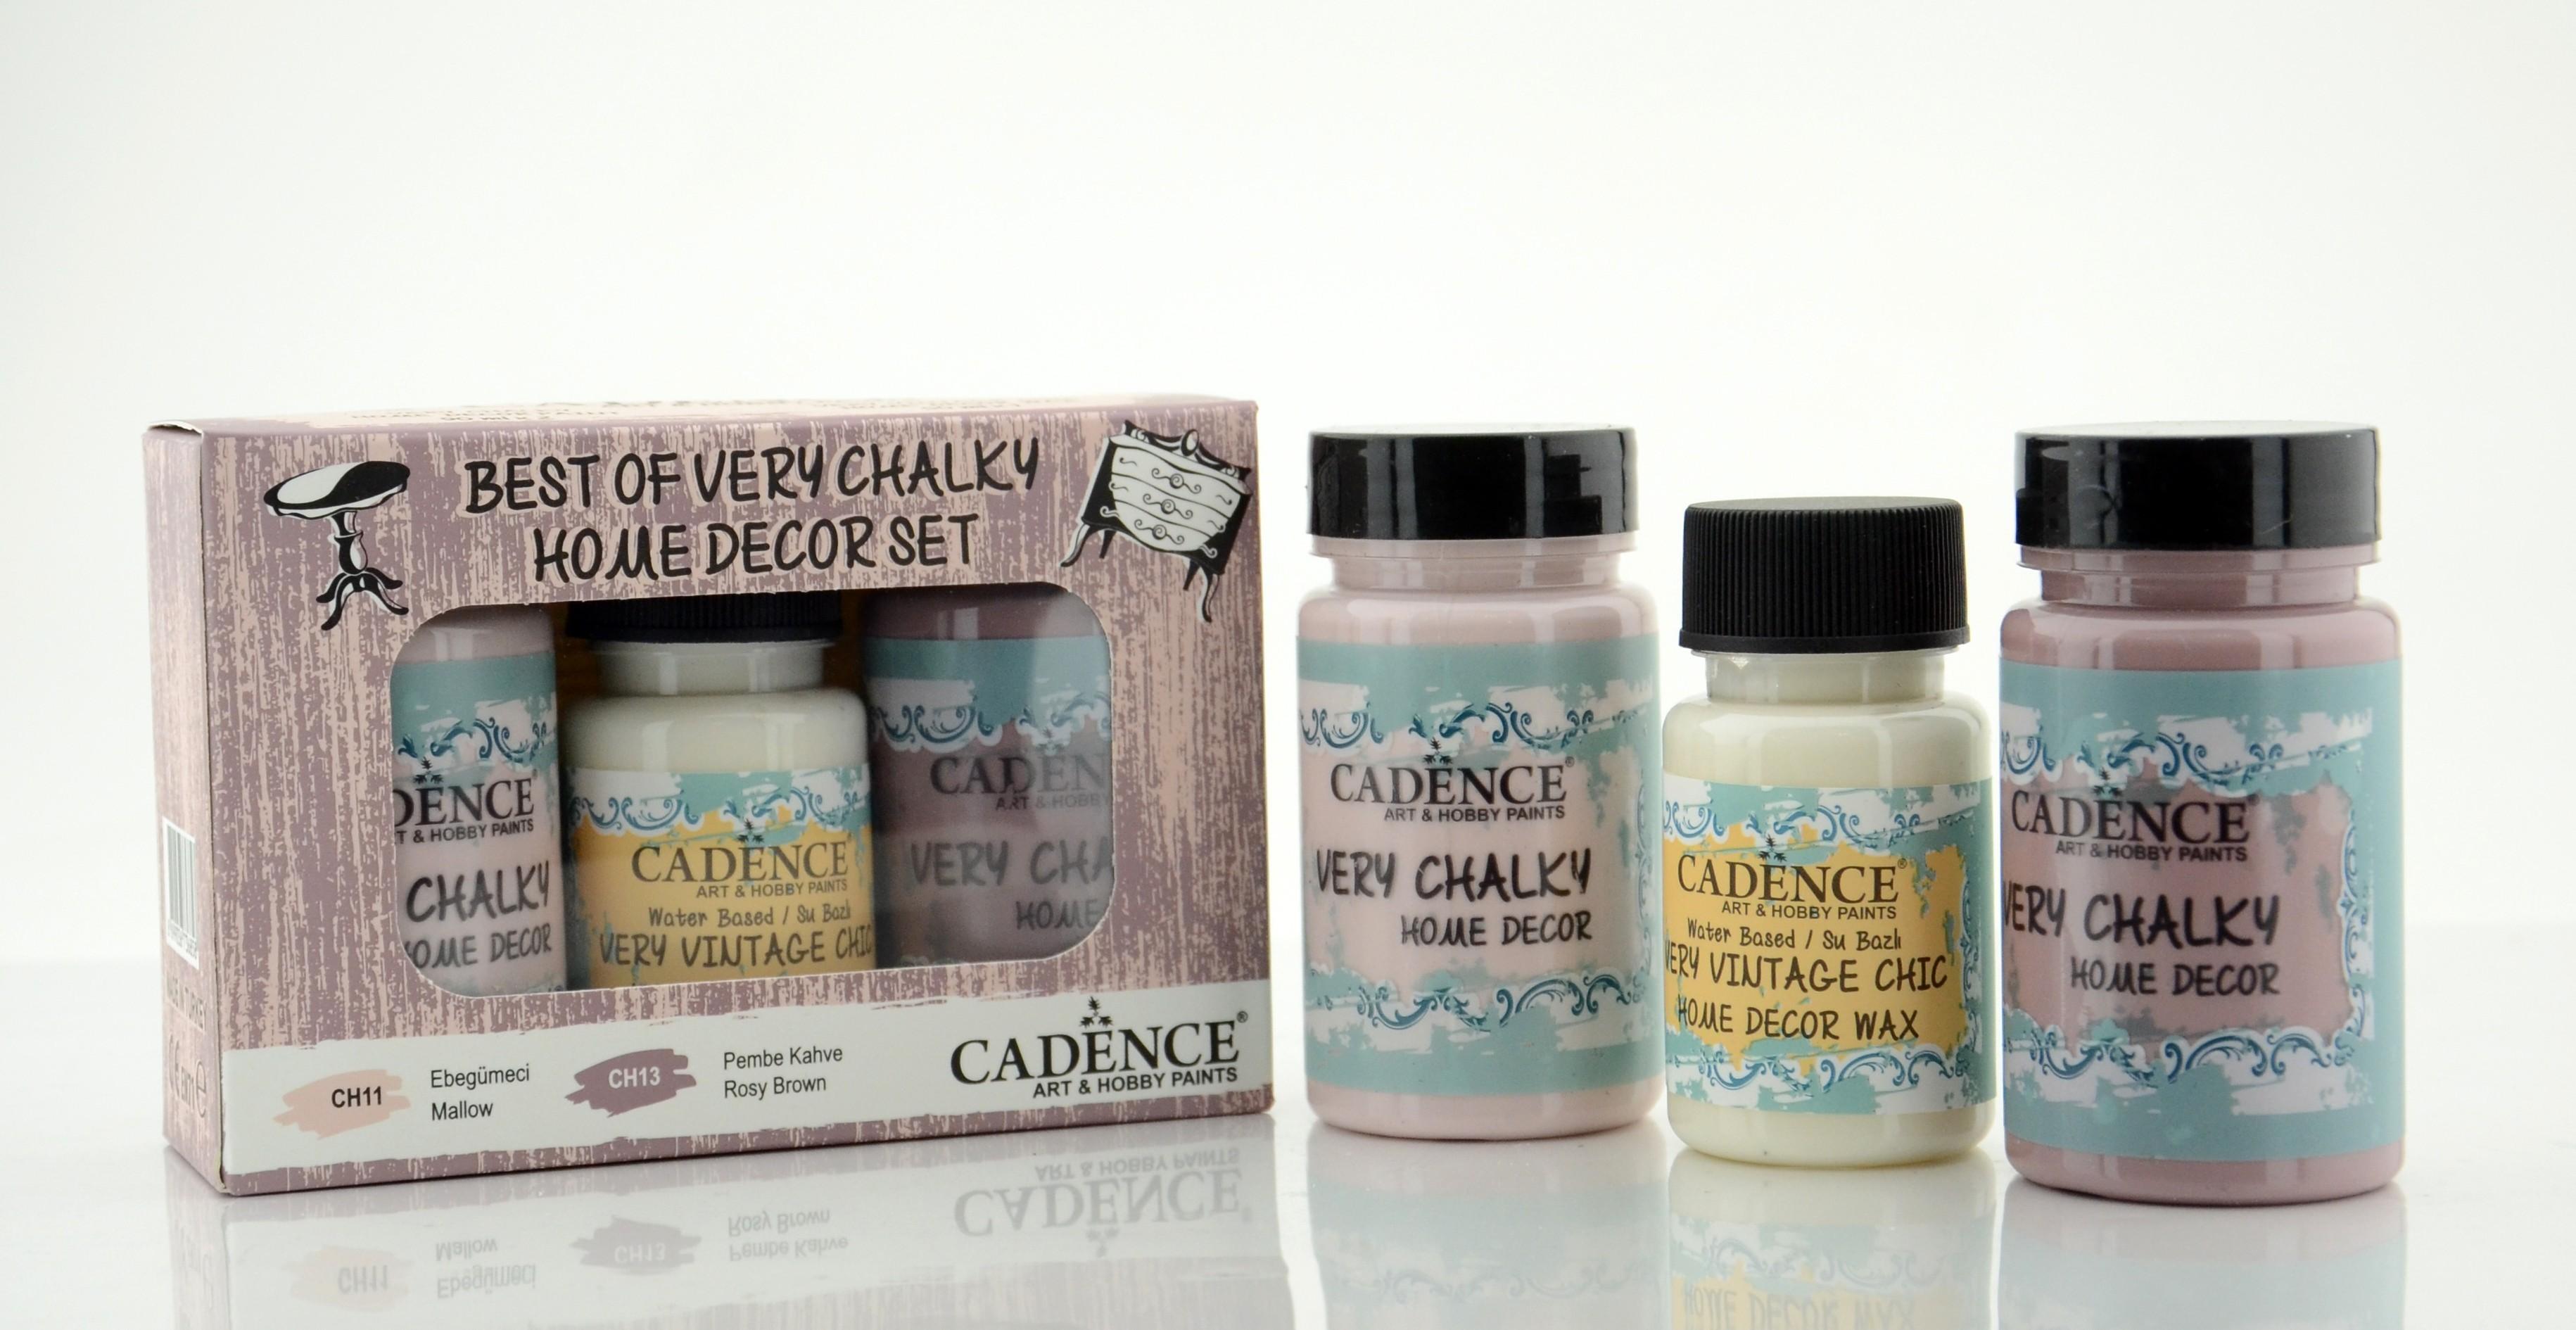 Ebegümeci ve Pembe Kahve Cadence Very Chalky Set 6- CH11-CH13